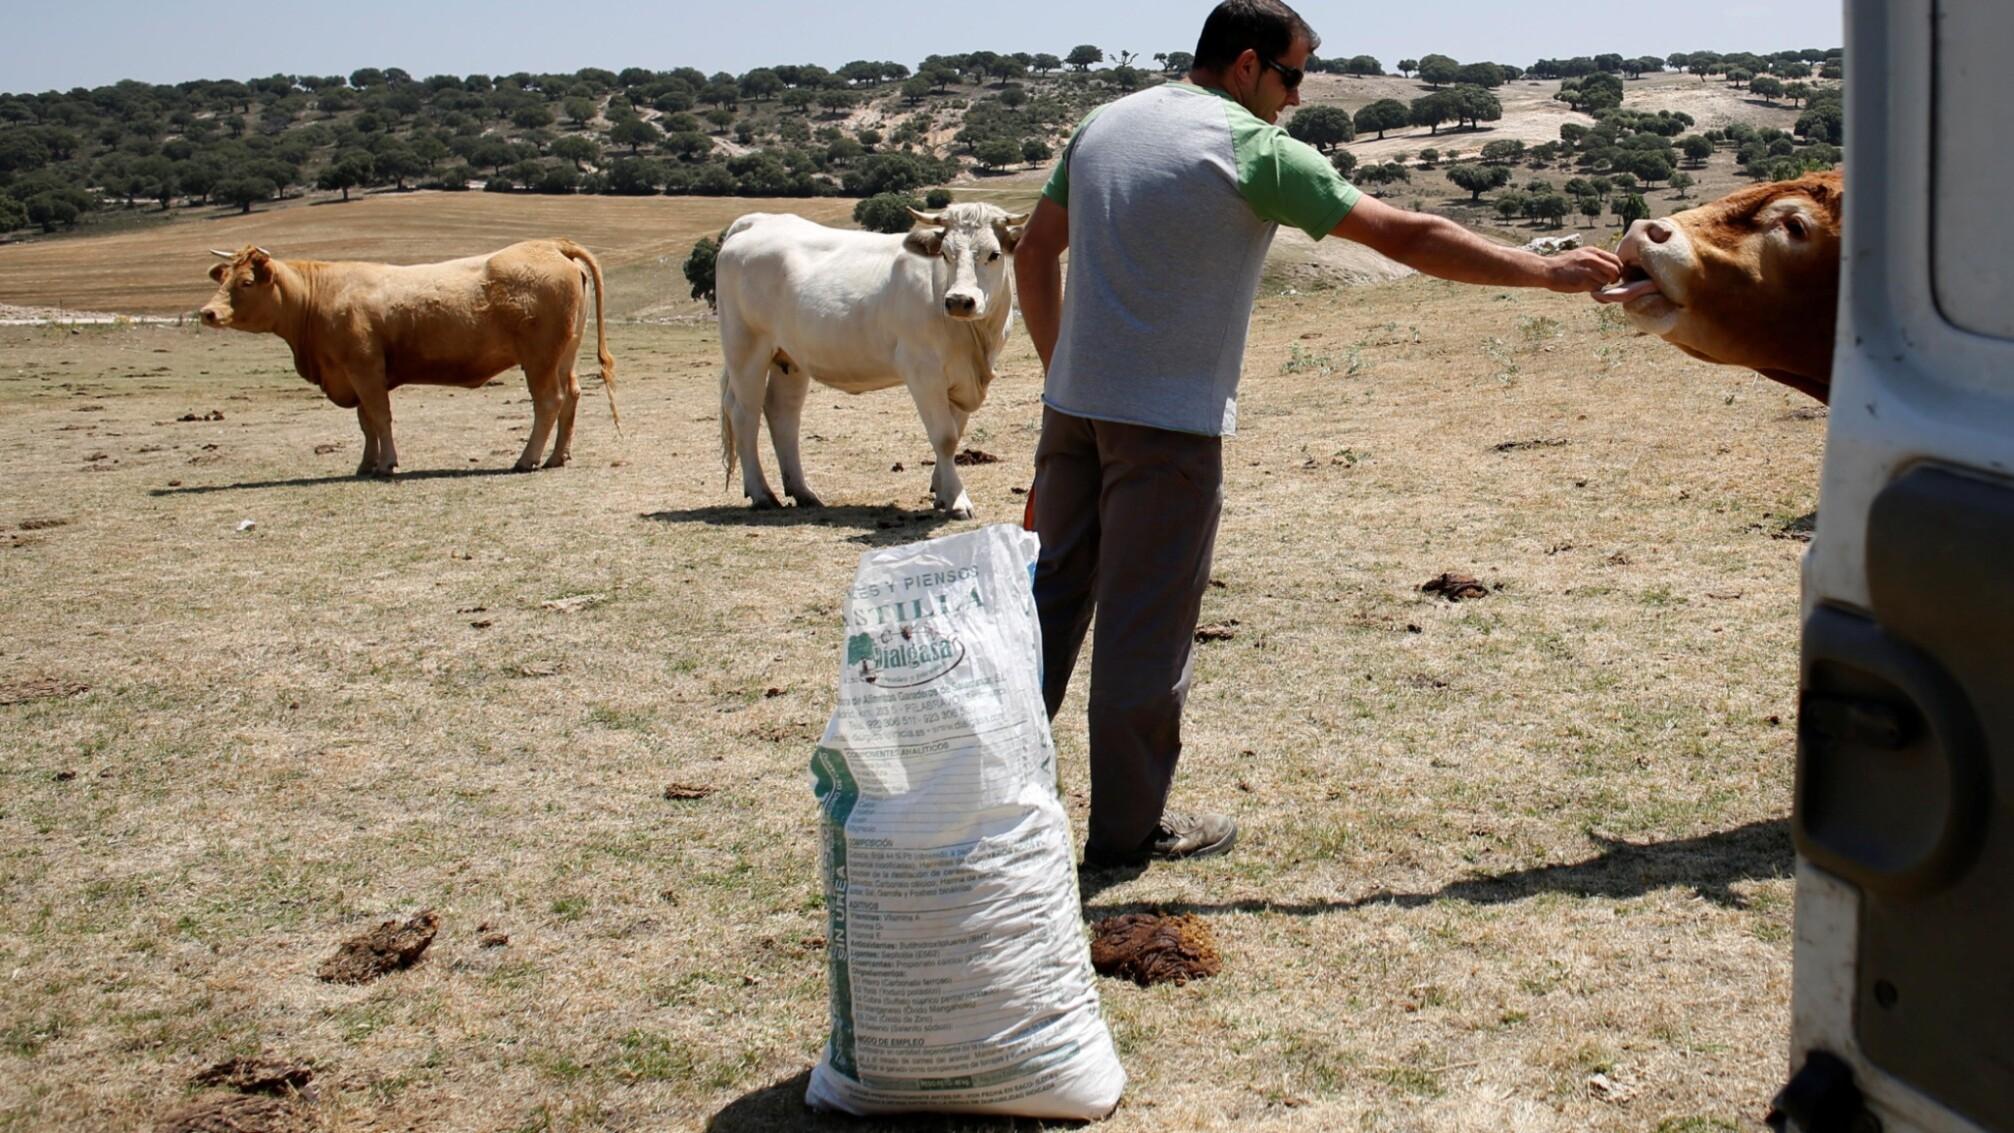 Spanien og Italien er ramt af værste tørke i årtier | Udland | DR